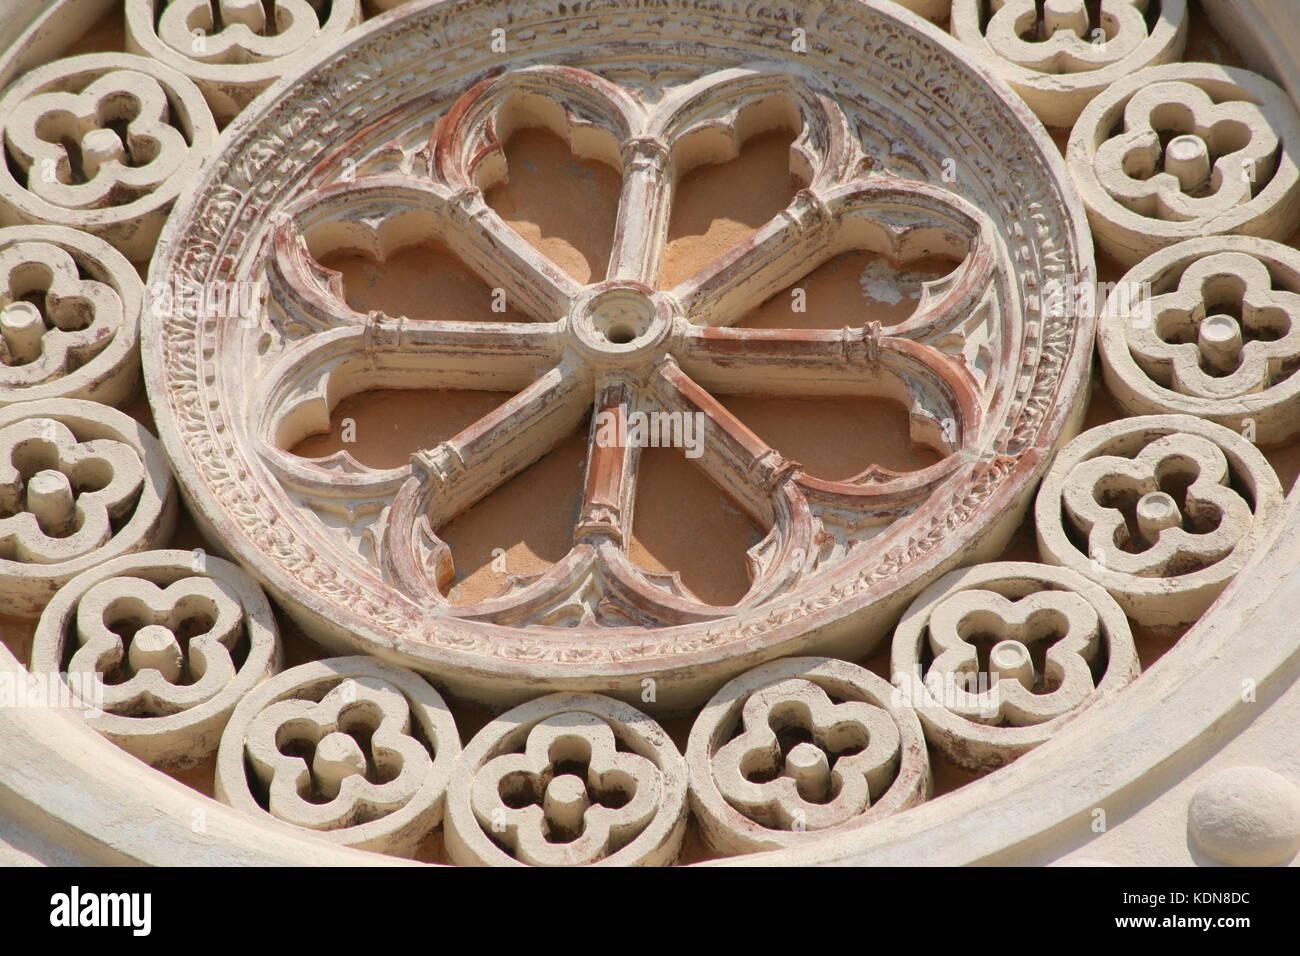 Nahaufnahme - Duomo di Portoferraio. Dom von Portoferraio Insel Elba - Italien. Italy - Stock Image